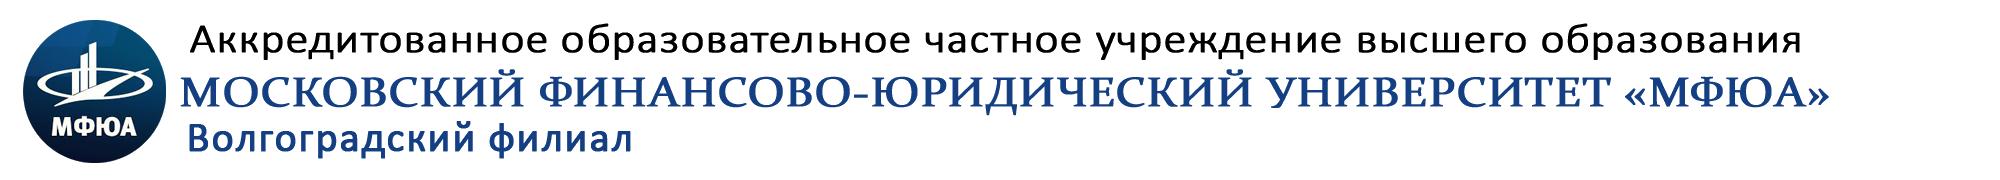 Волгоградский филиал Аккредитованного образовательного частного учреждения высшего образования Московский финансово-юридический университет МФЮА